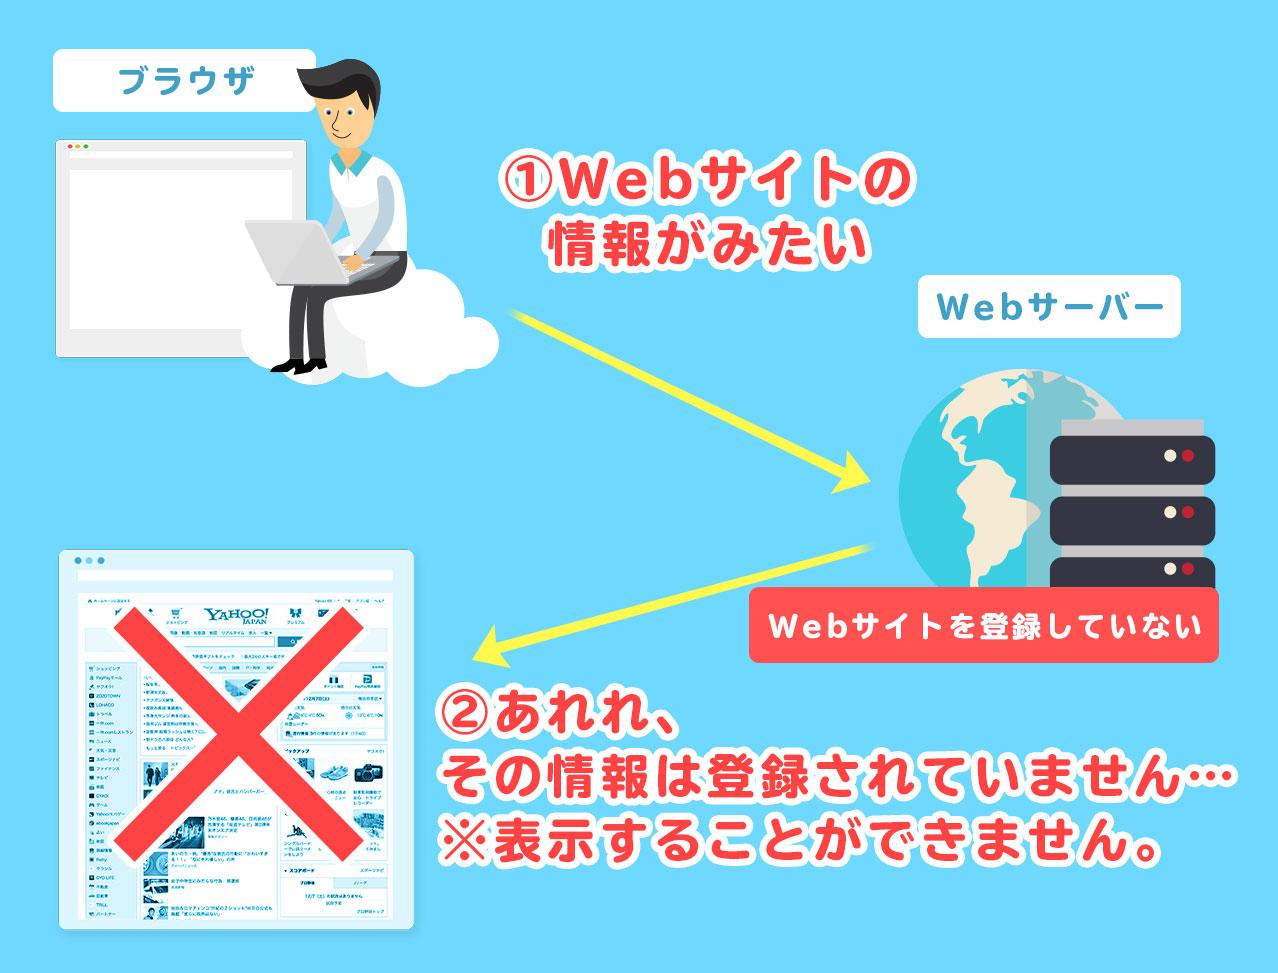 Webサーバーへアップロード